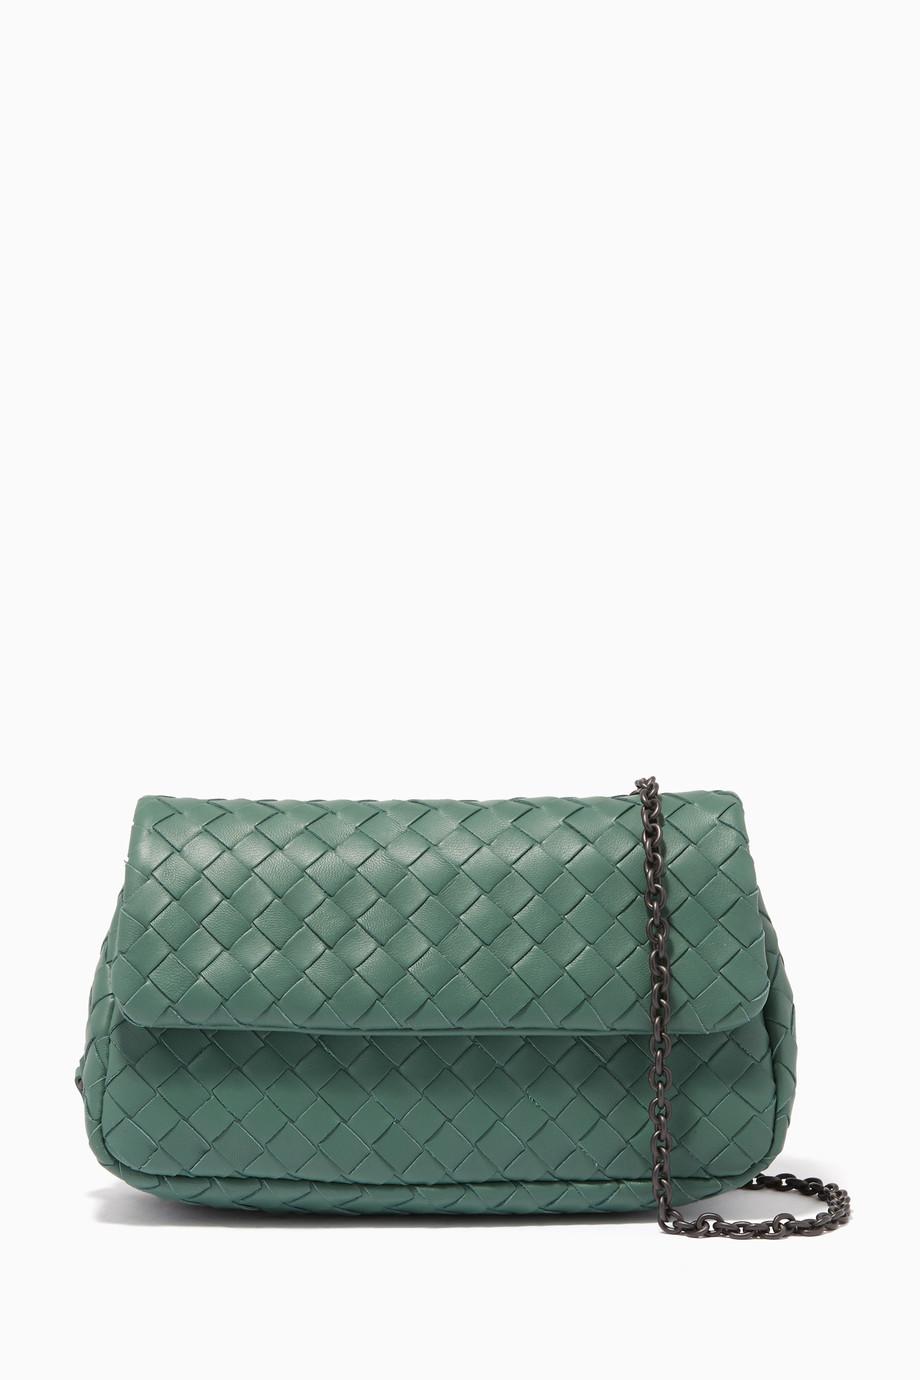 d346144222 Shop Bottega Veneta Green Green Mini Intrecciato Messenger Cross ...